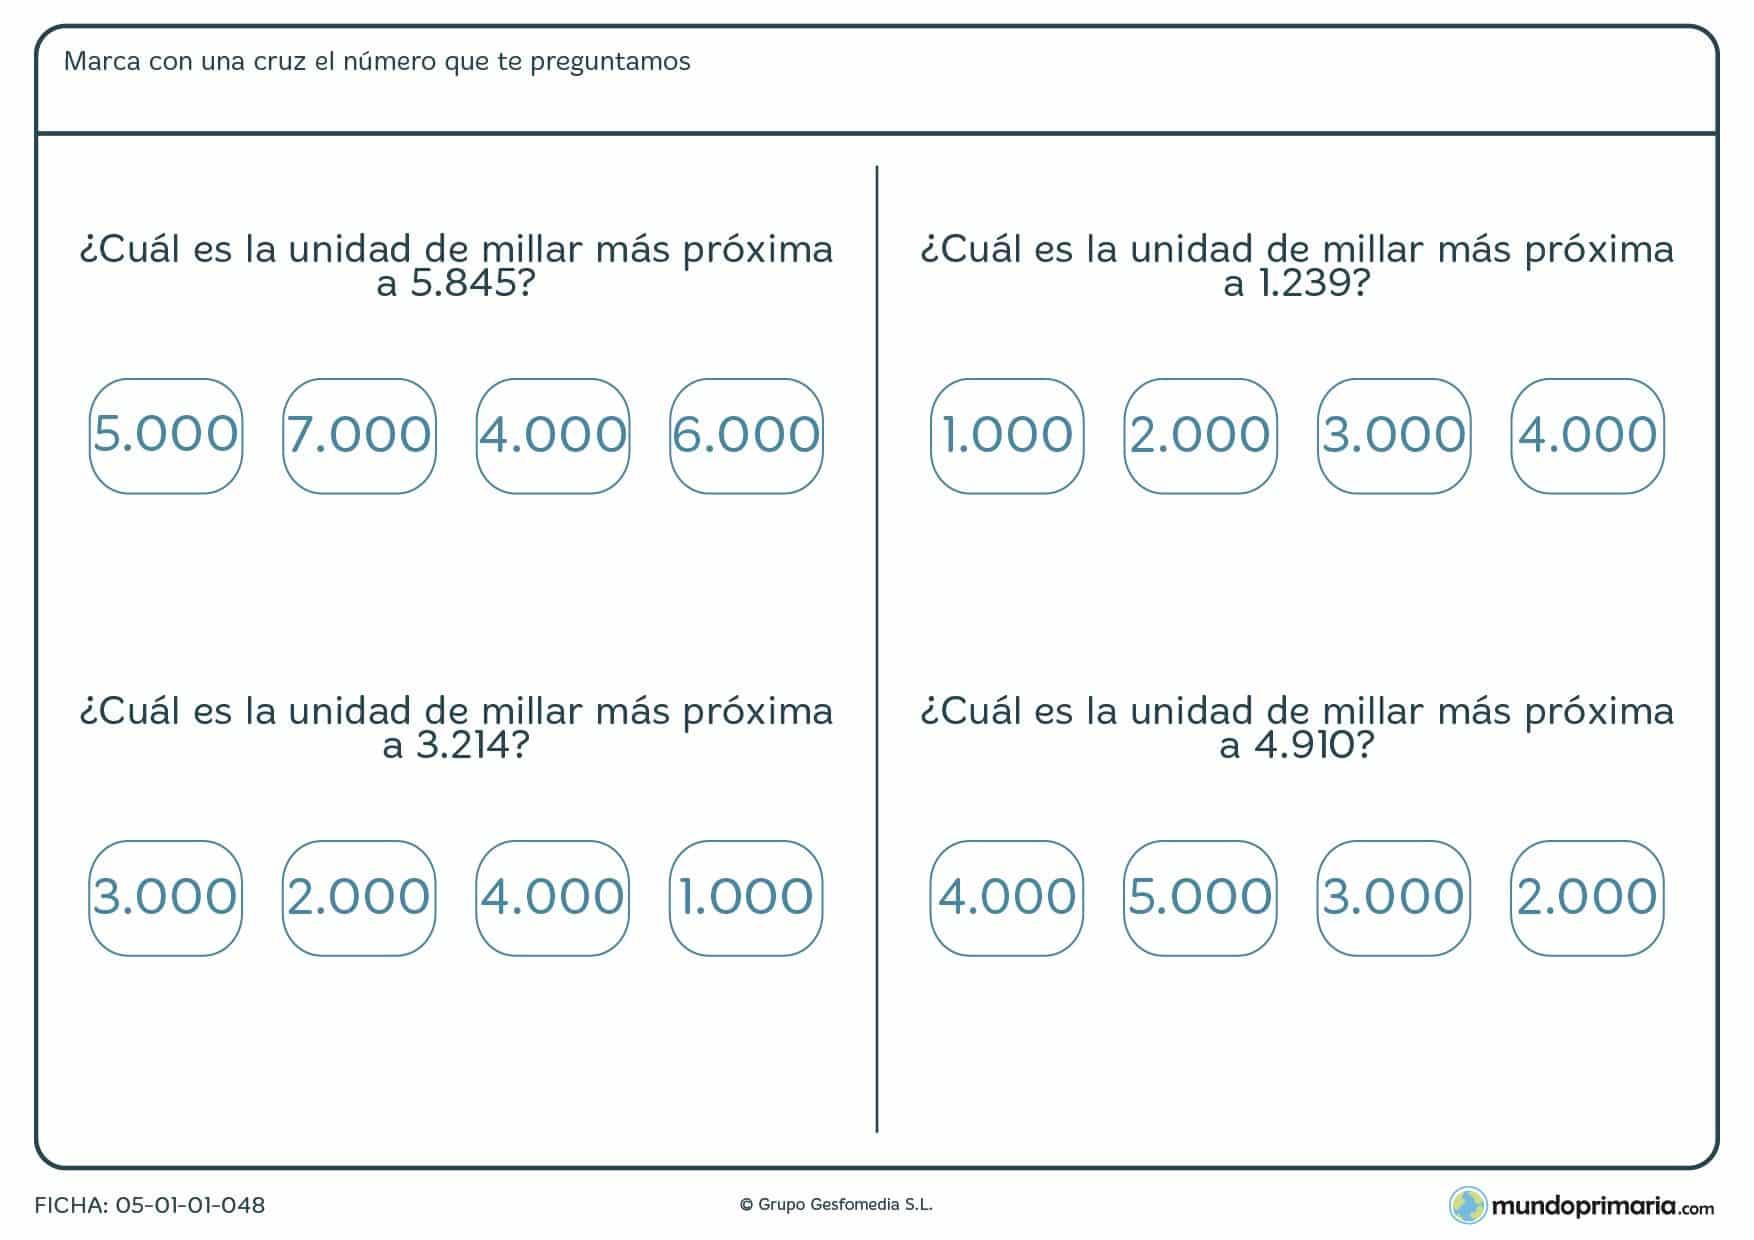 Ficha números y aproimaciones para marcar con una cruz la unidadde millar más próxima a unas cifras dadas.